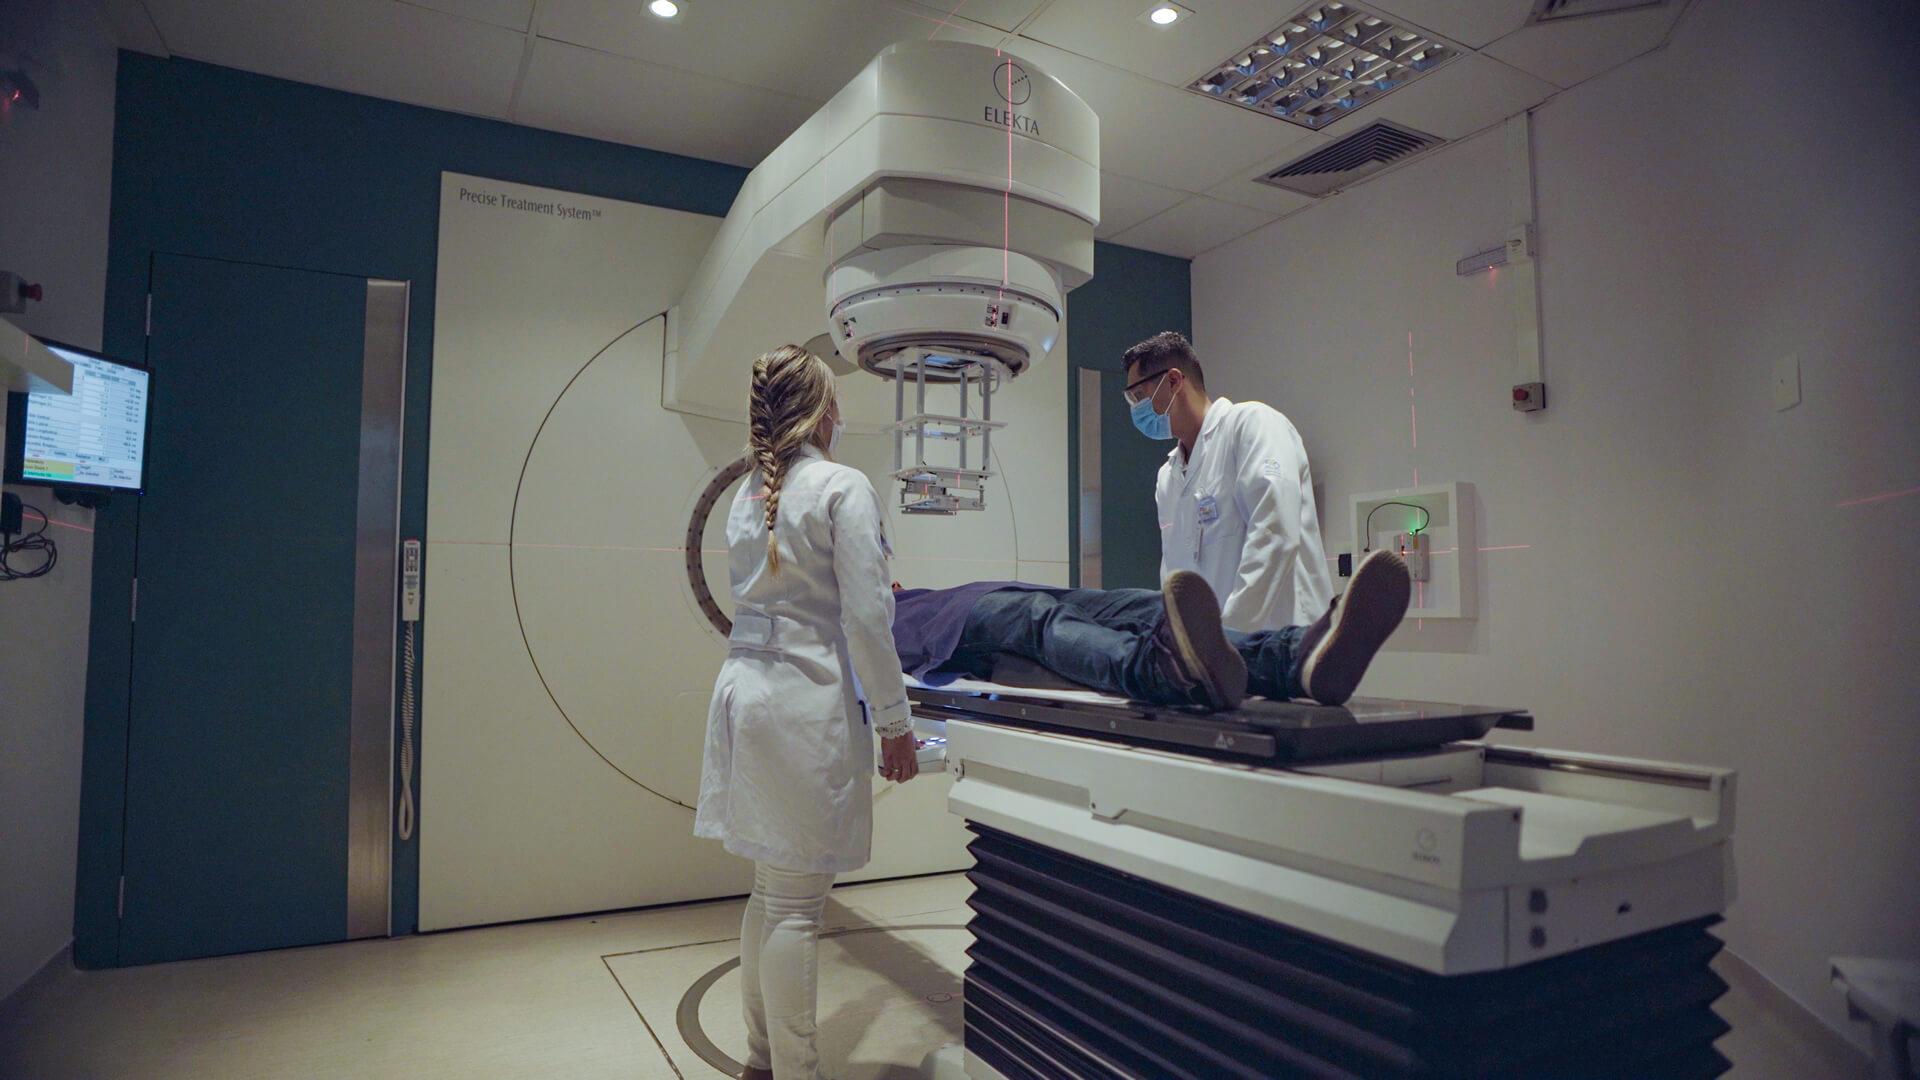 Quais são os efeitos causados pelo tratamento radioterápico?